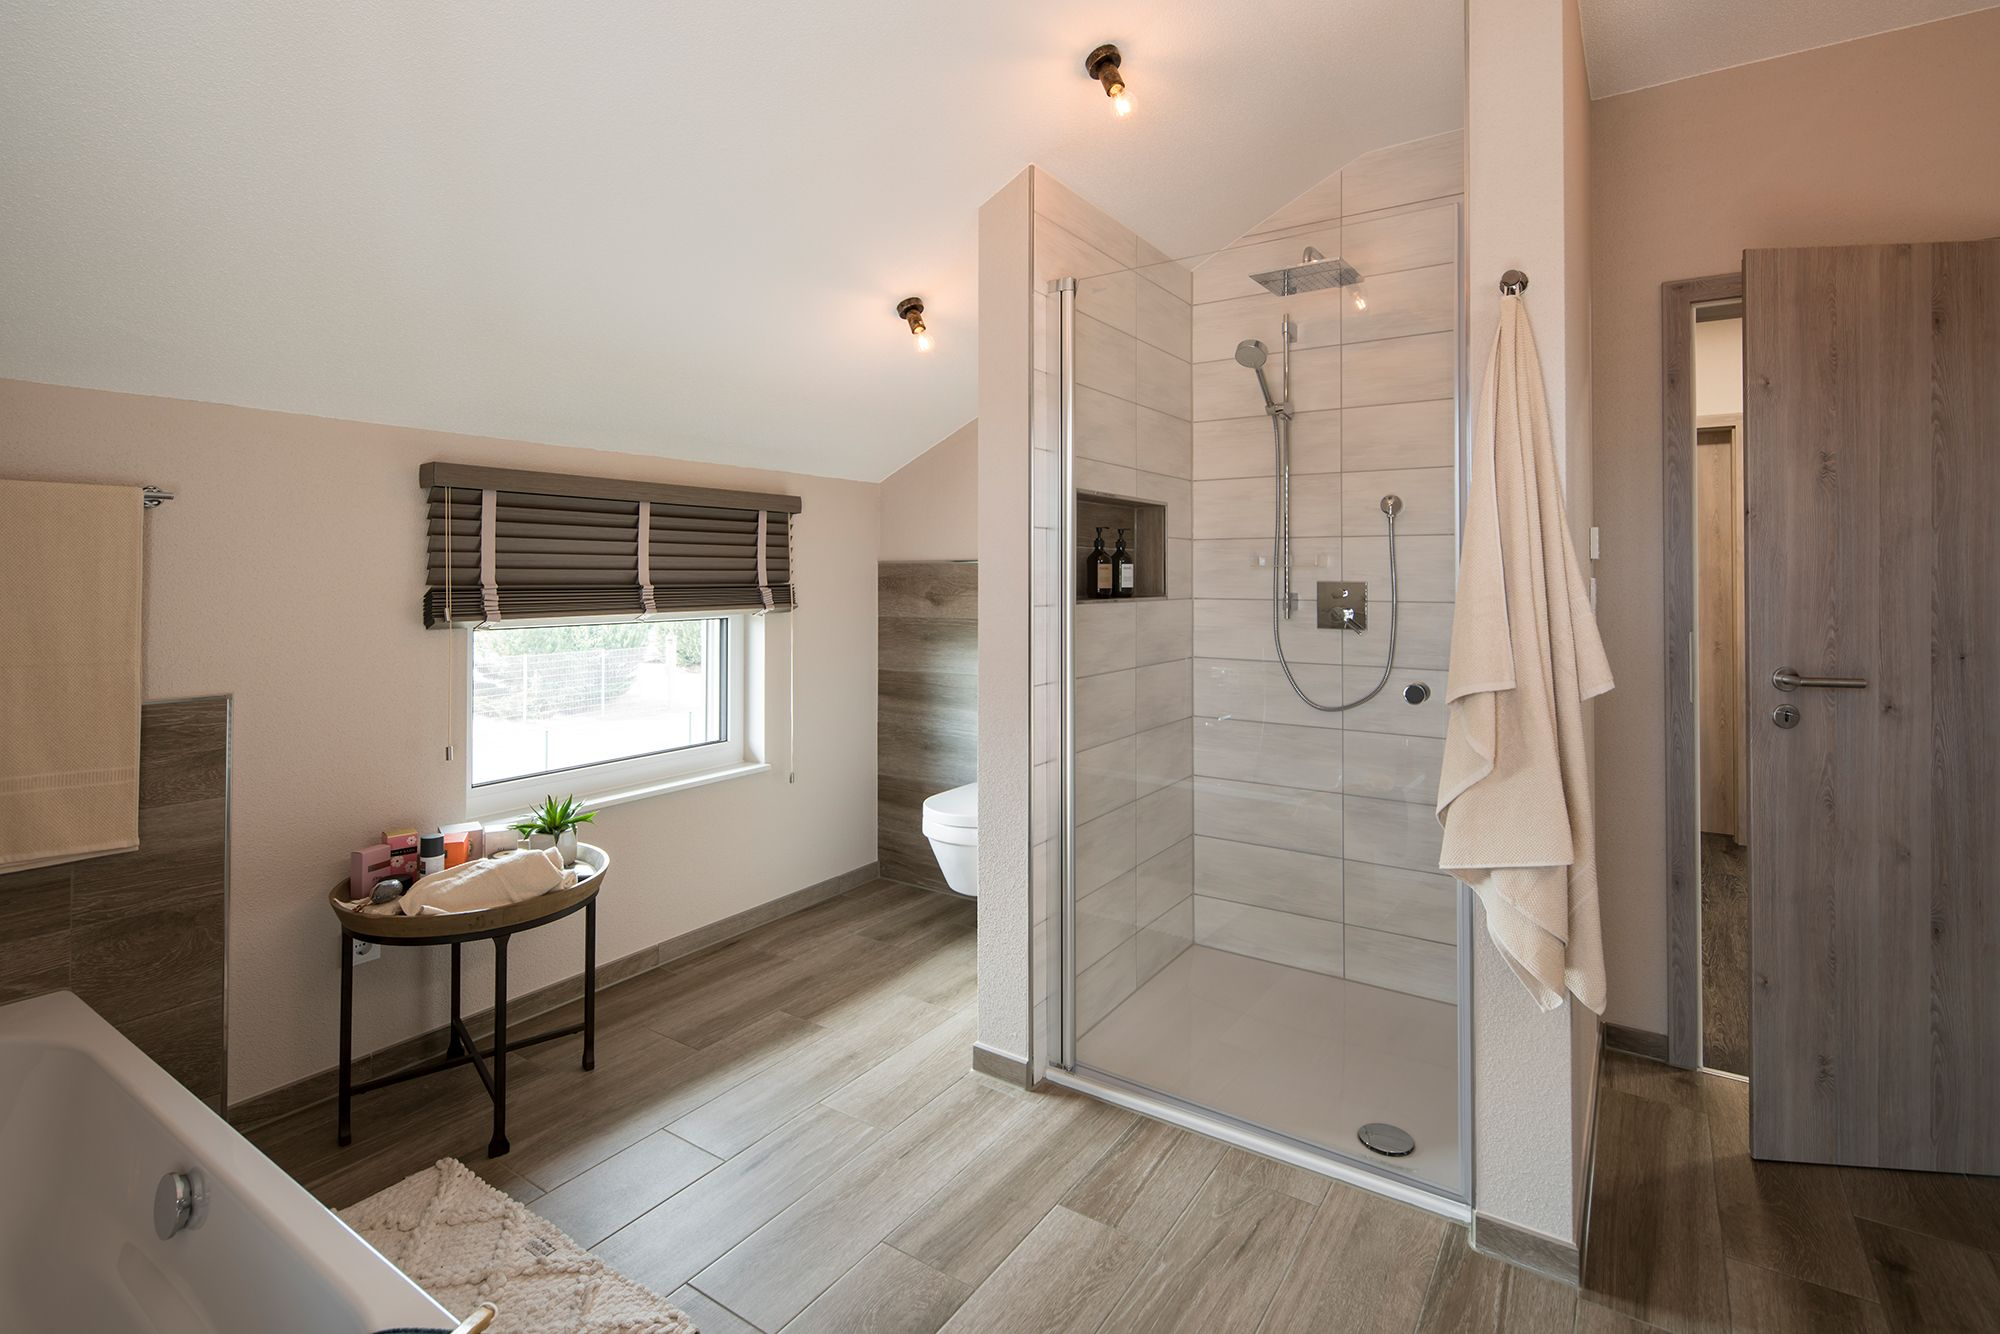 Schon Fliesen Bad Kleines Bad Fliesen Bad Fliesen Badezimmer